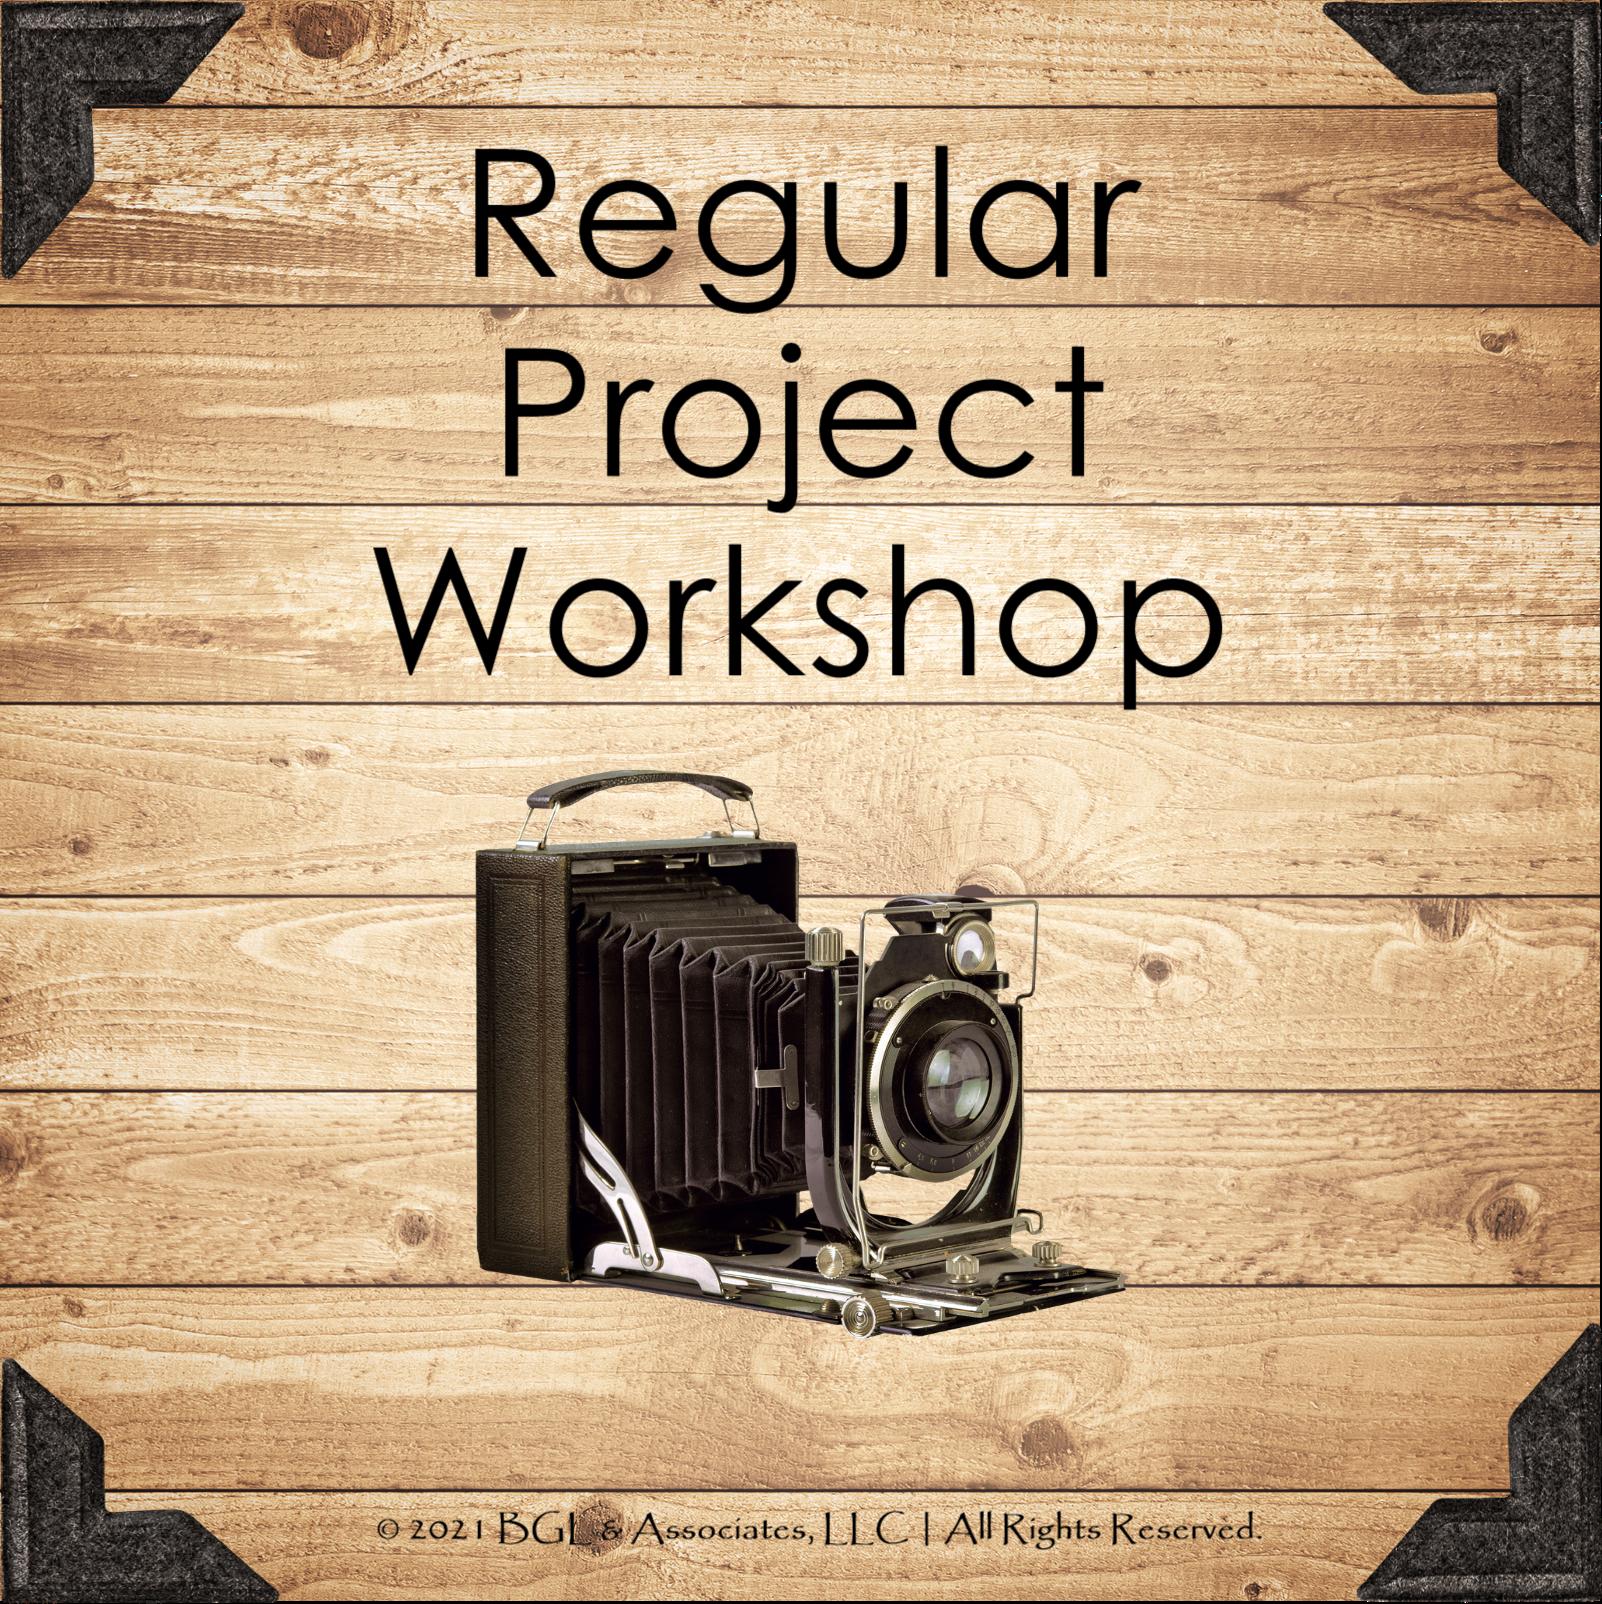 Regular Project Workshop